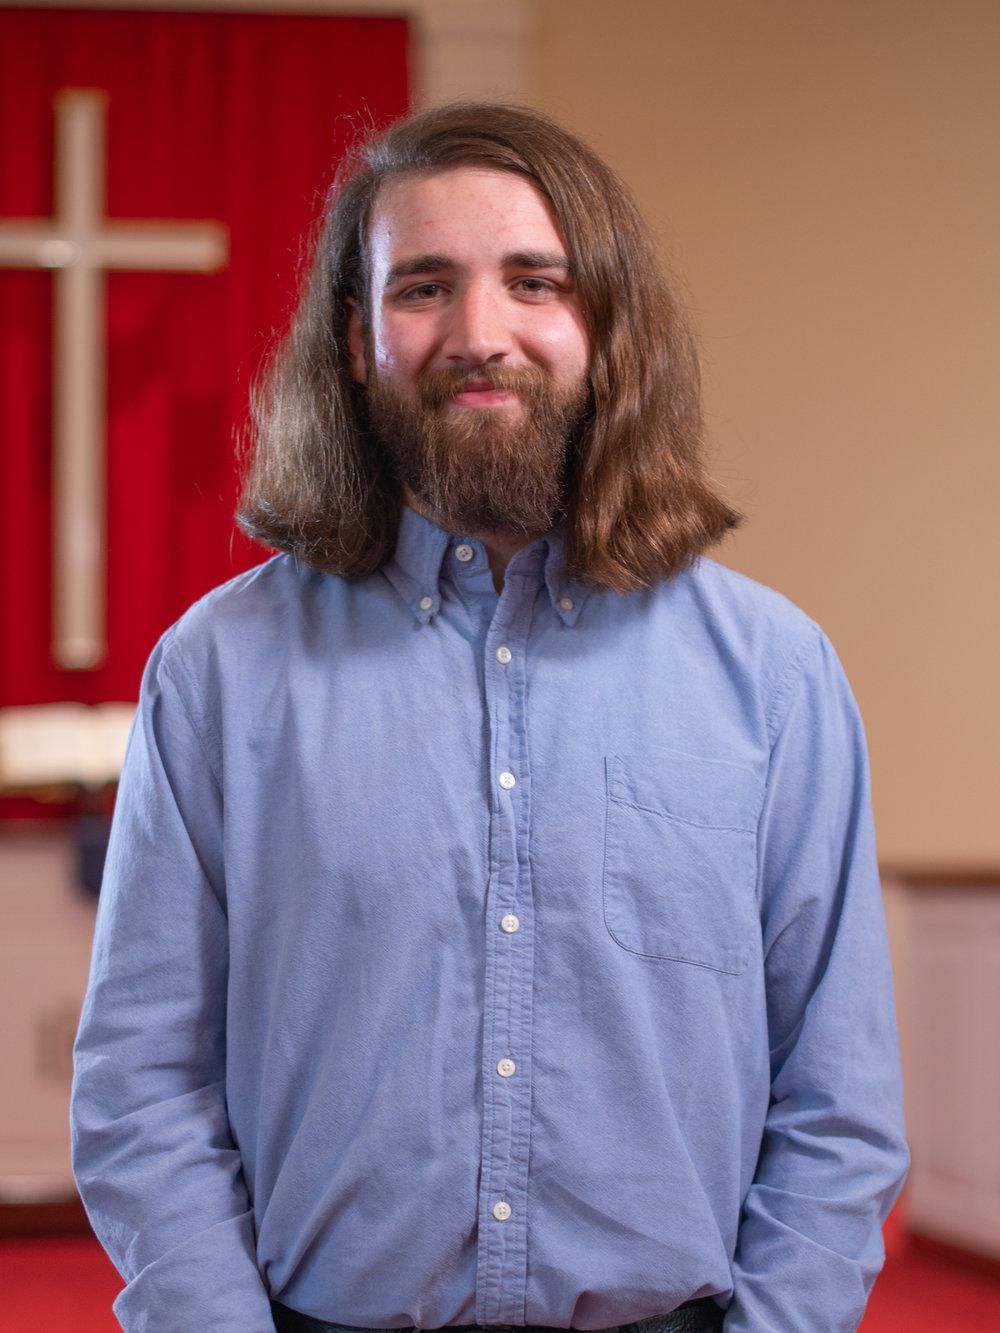 James Conrad   Contemporary Worship Leader Bell Choir Director   jamesconradmusic@gmail.com